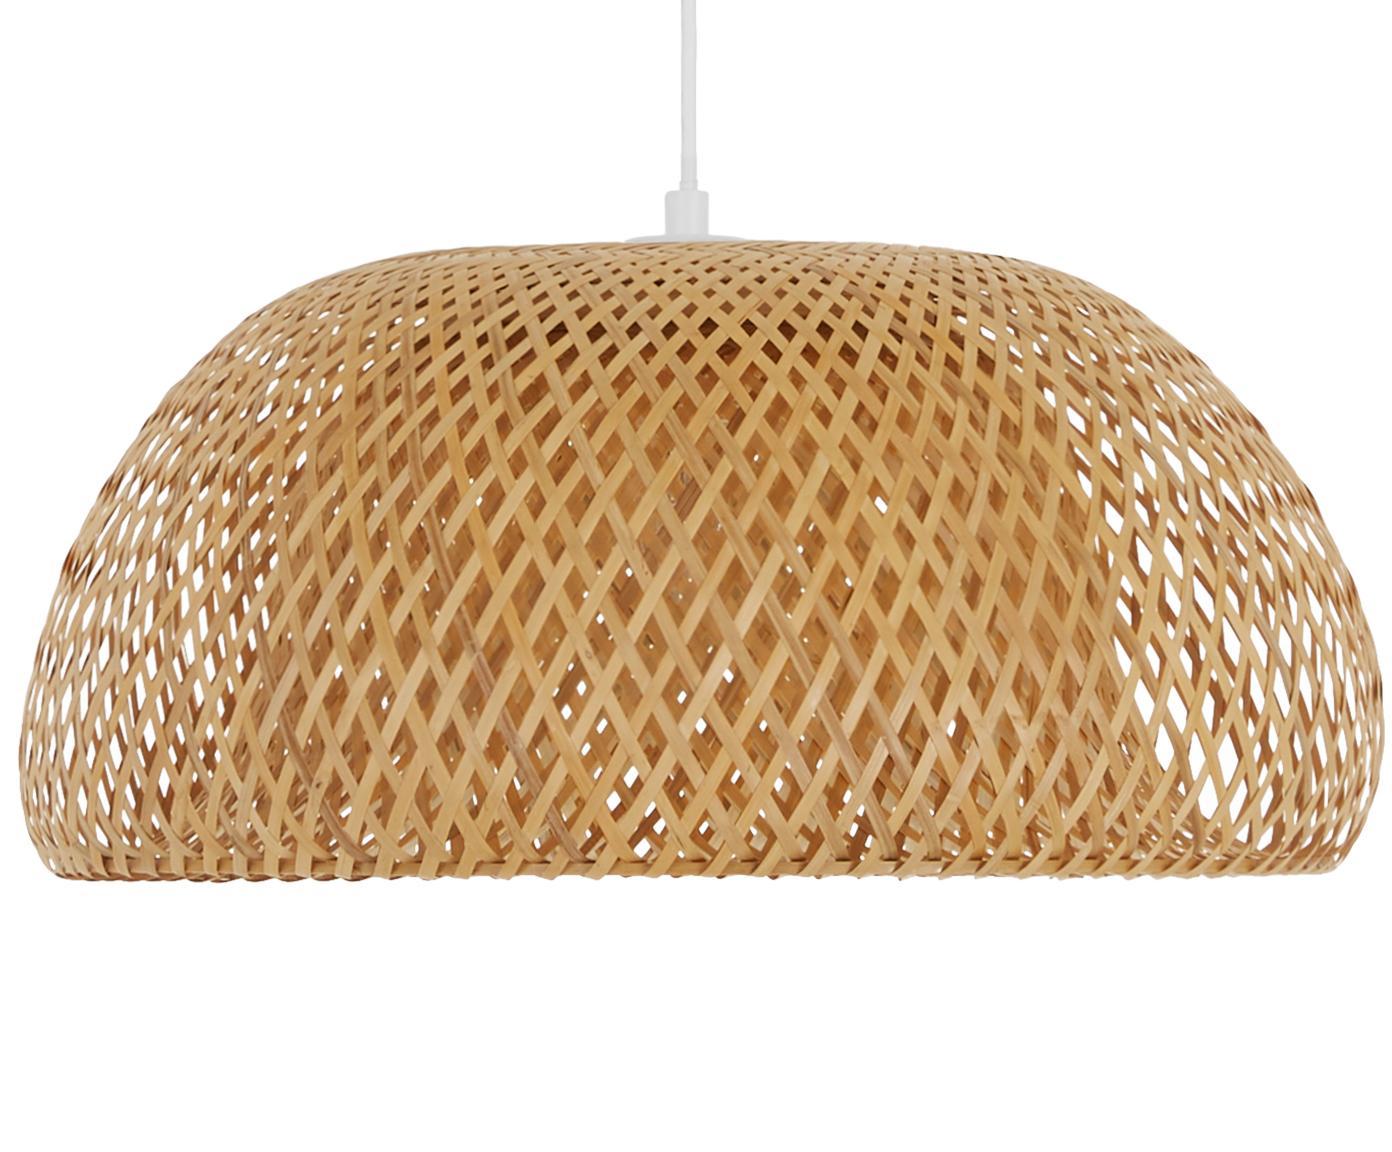 Handgemaakte hanglamp Eden van bamboehout, Lampenkap: bamboehout, Bamboehoutkleurig, Ø 45 x H 21 cm